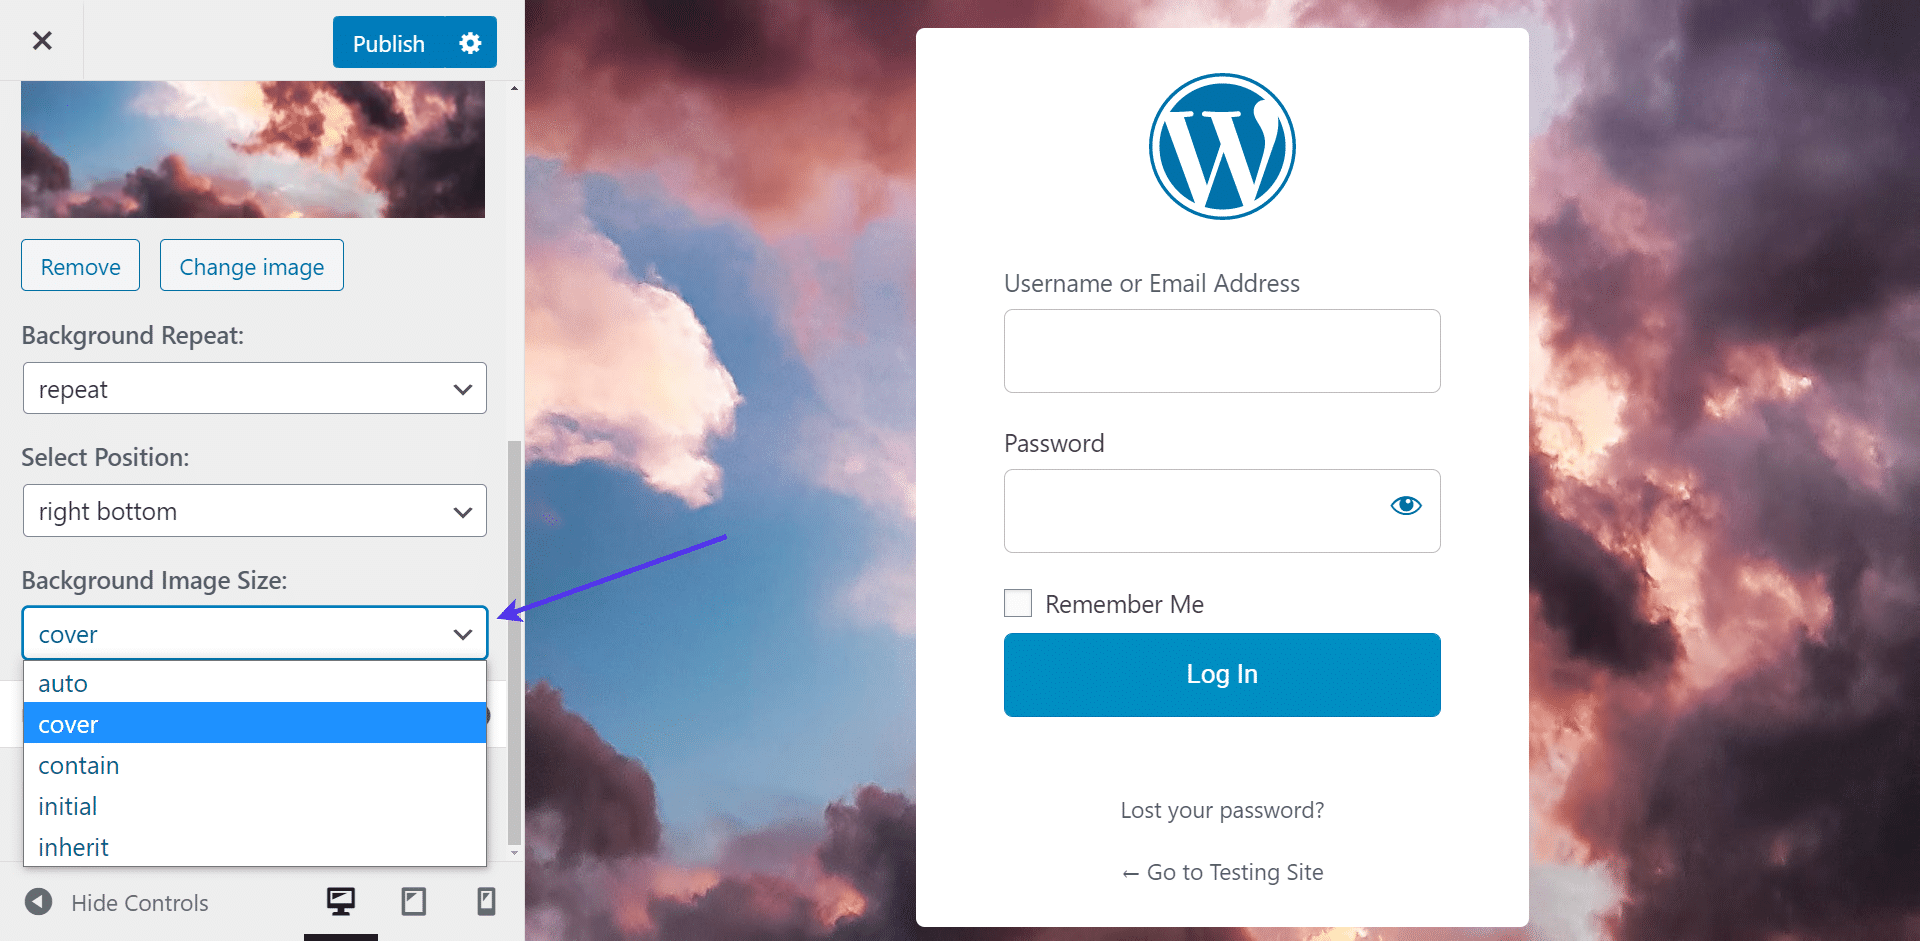 Set the WordPress background image size